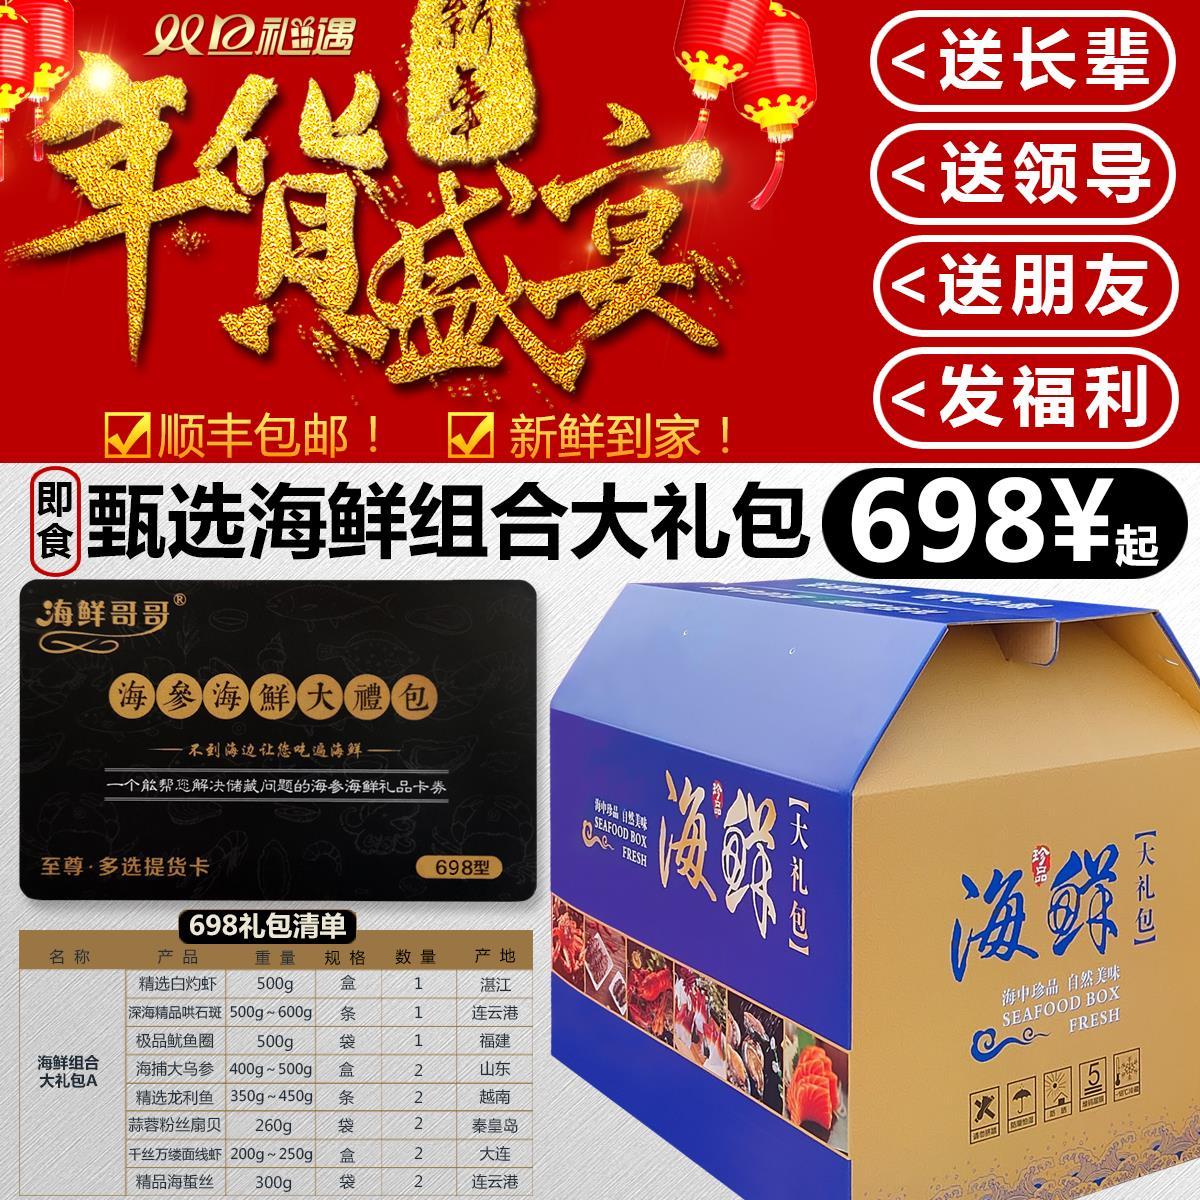 海鲜礼盒海鲜大礼包年货大礼包春节礼品年夜饭海鲜套餐568型